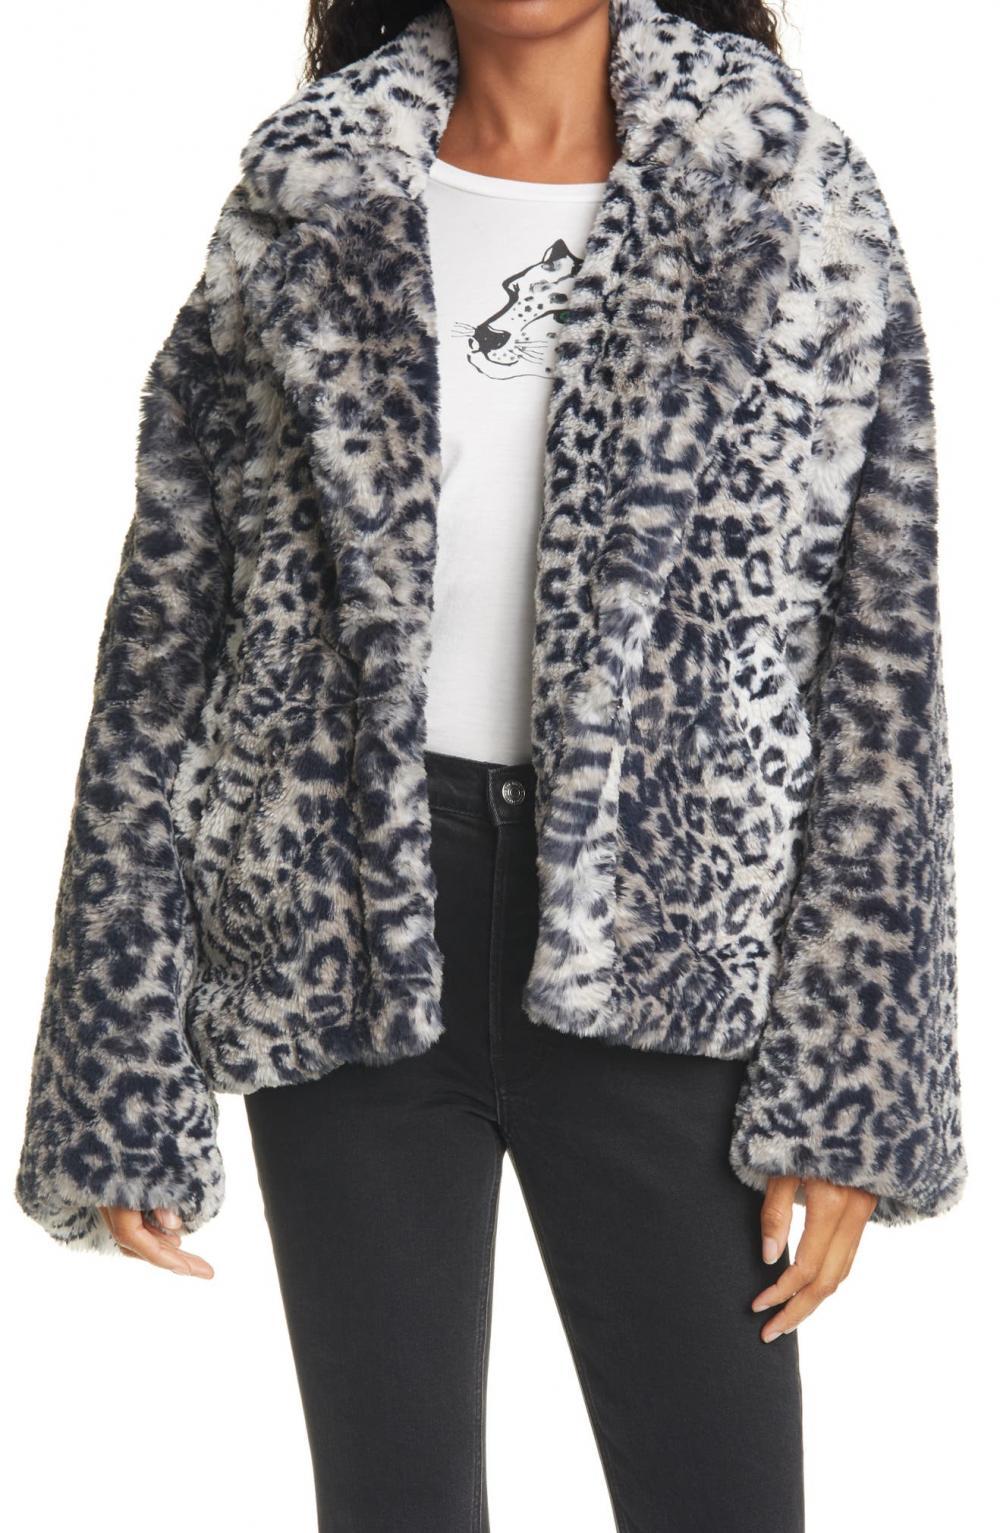 Fur Sure Leopard Faux Fur Jacket